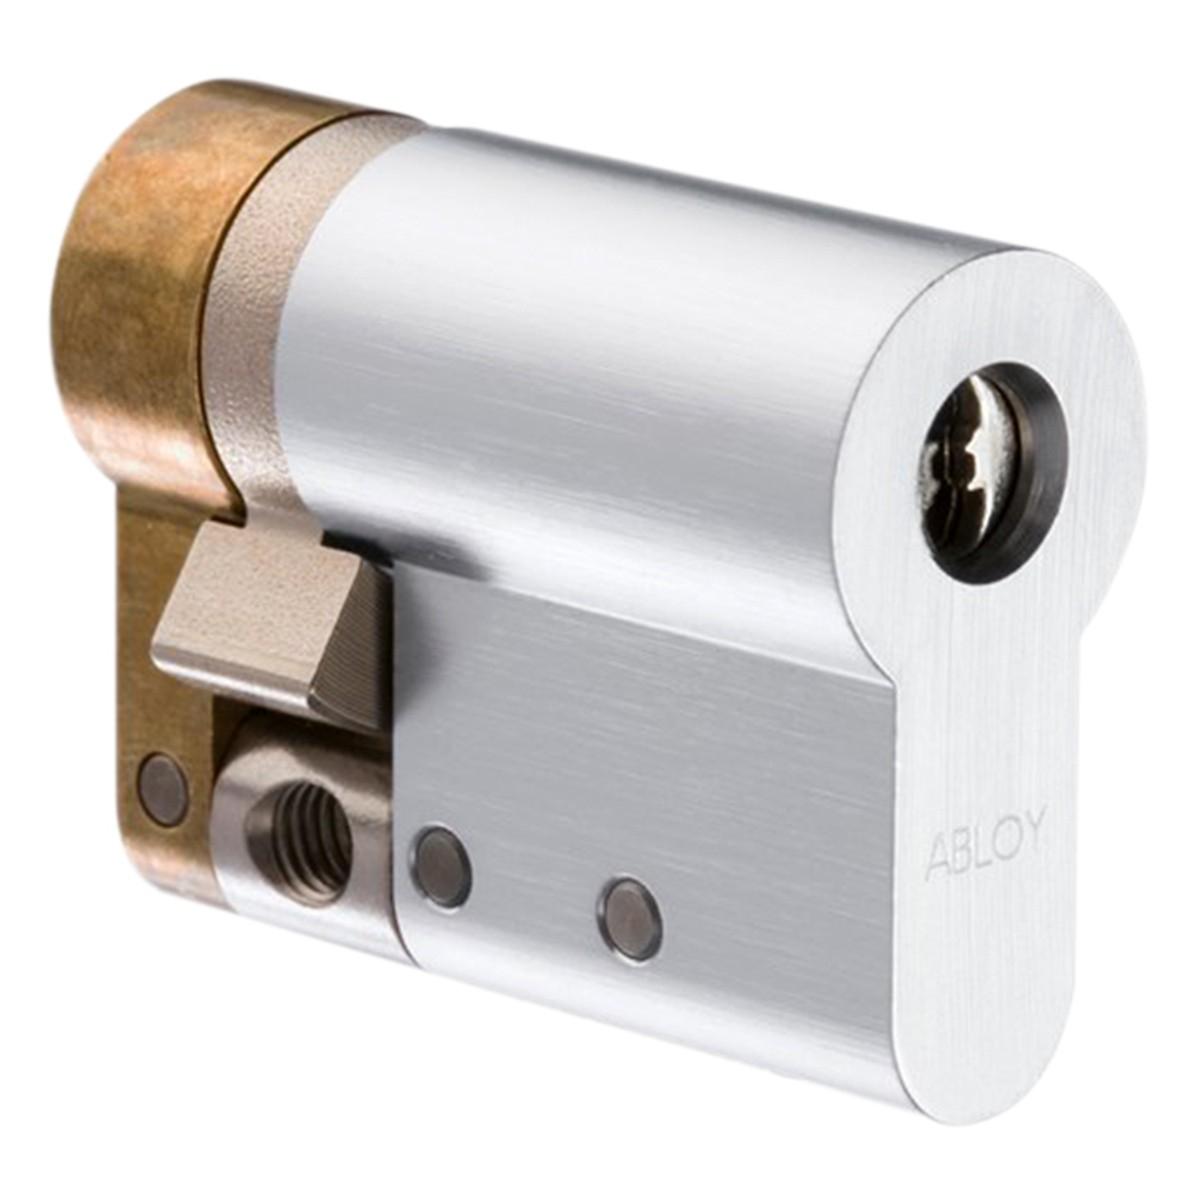 Ruột Khoá Cửa Một Đầu Chìa ABLOY CY321N-31 (31mm)